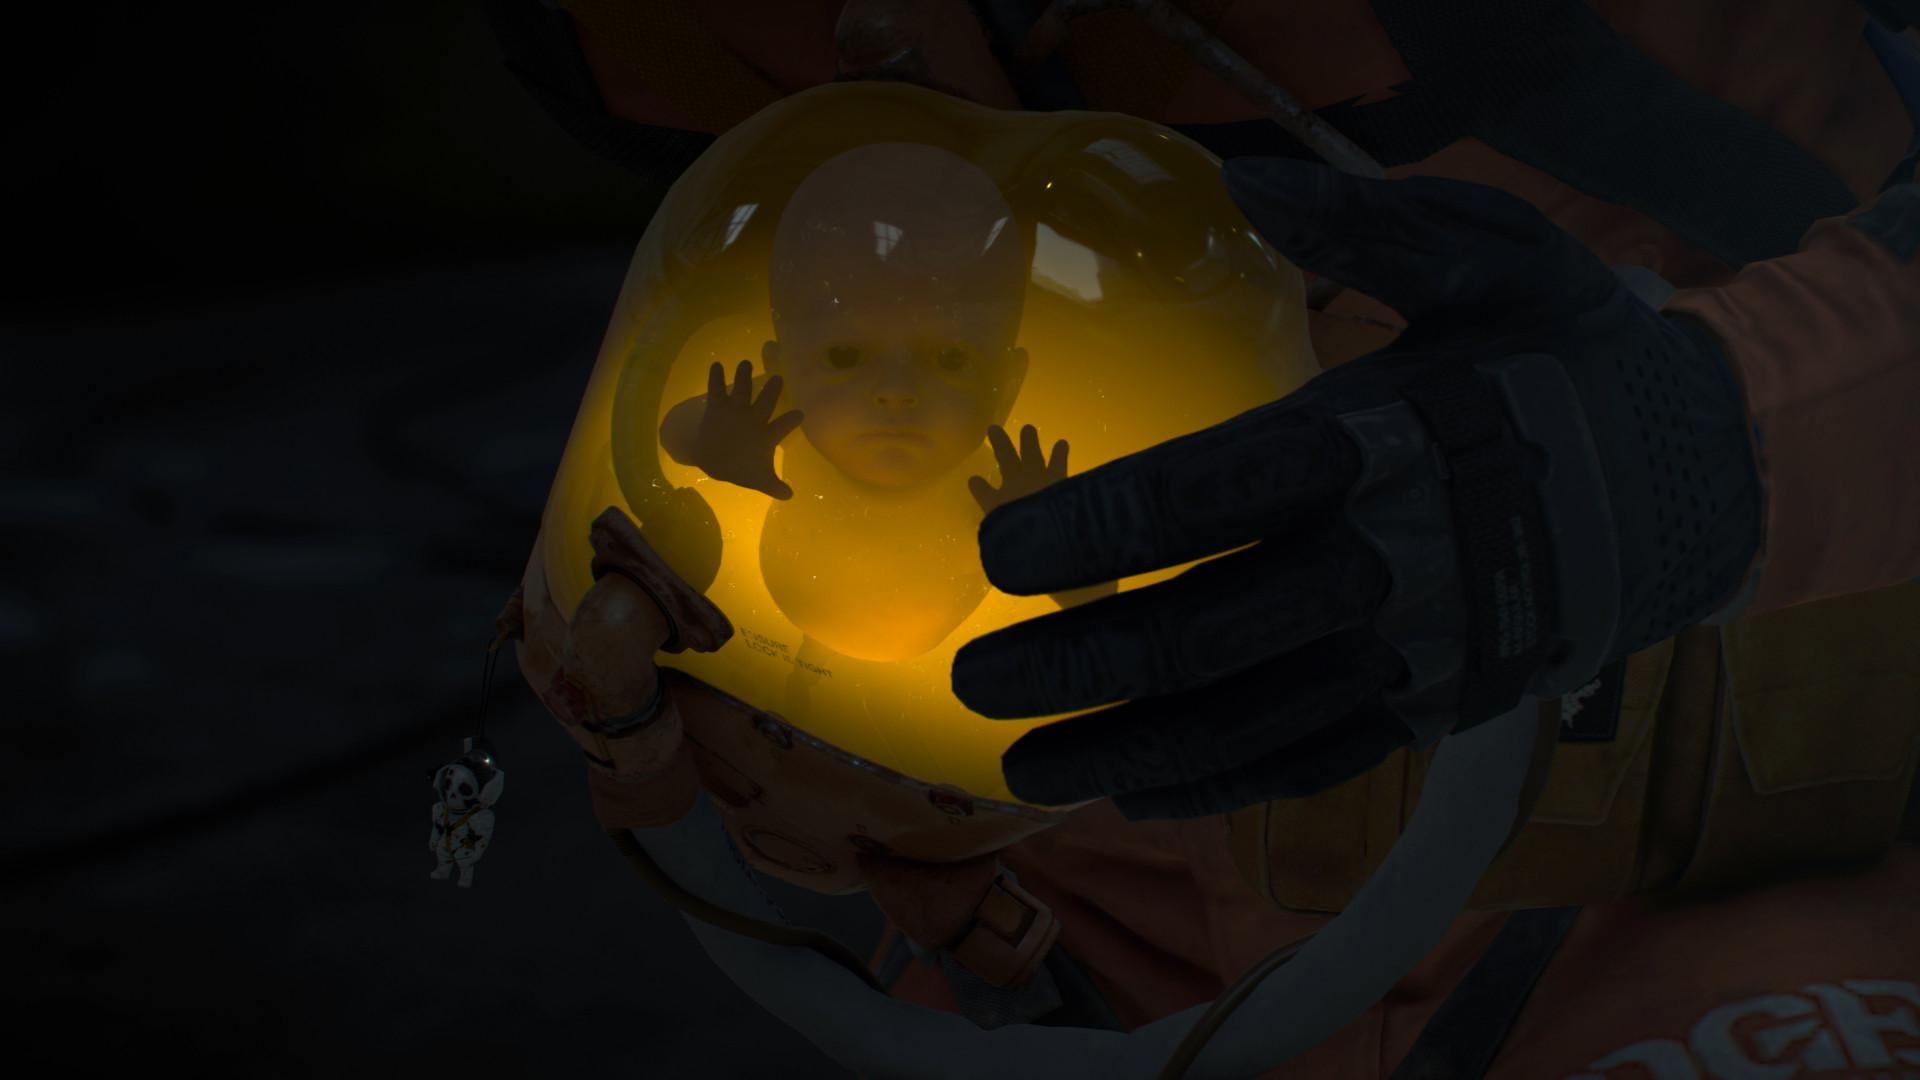 Кодзима показал фигурку капсулы с младенцем из коллекционного издания Death Stranding